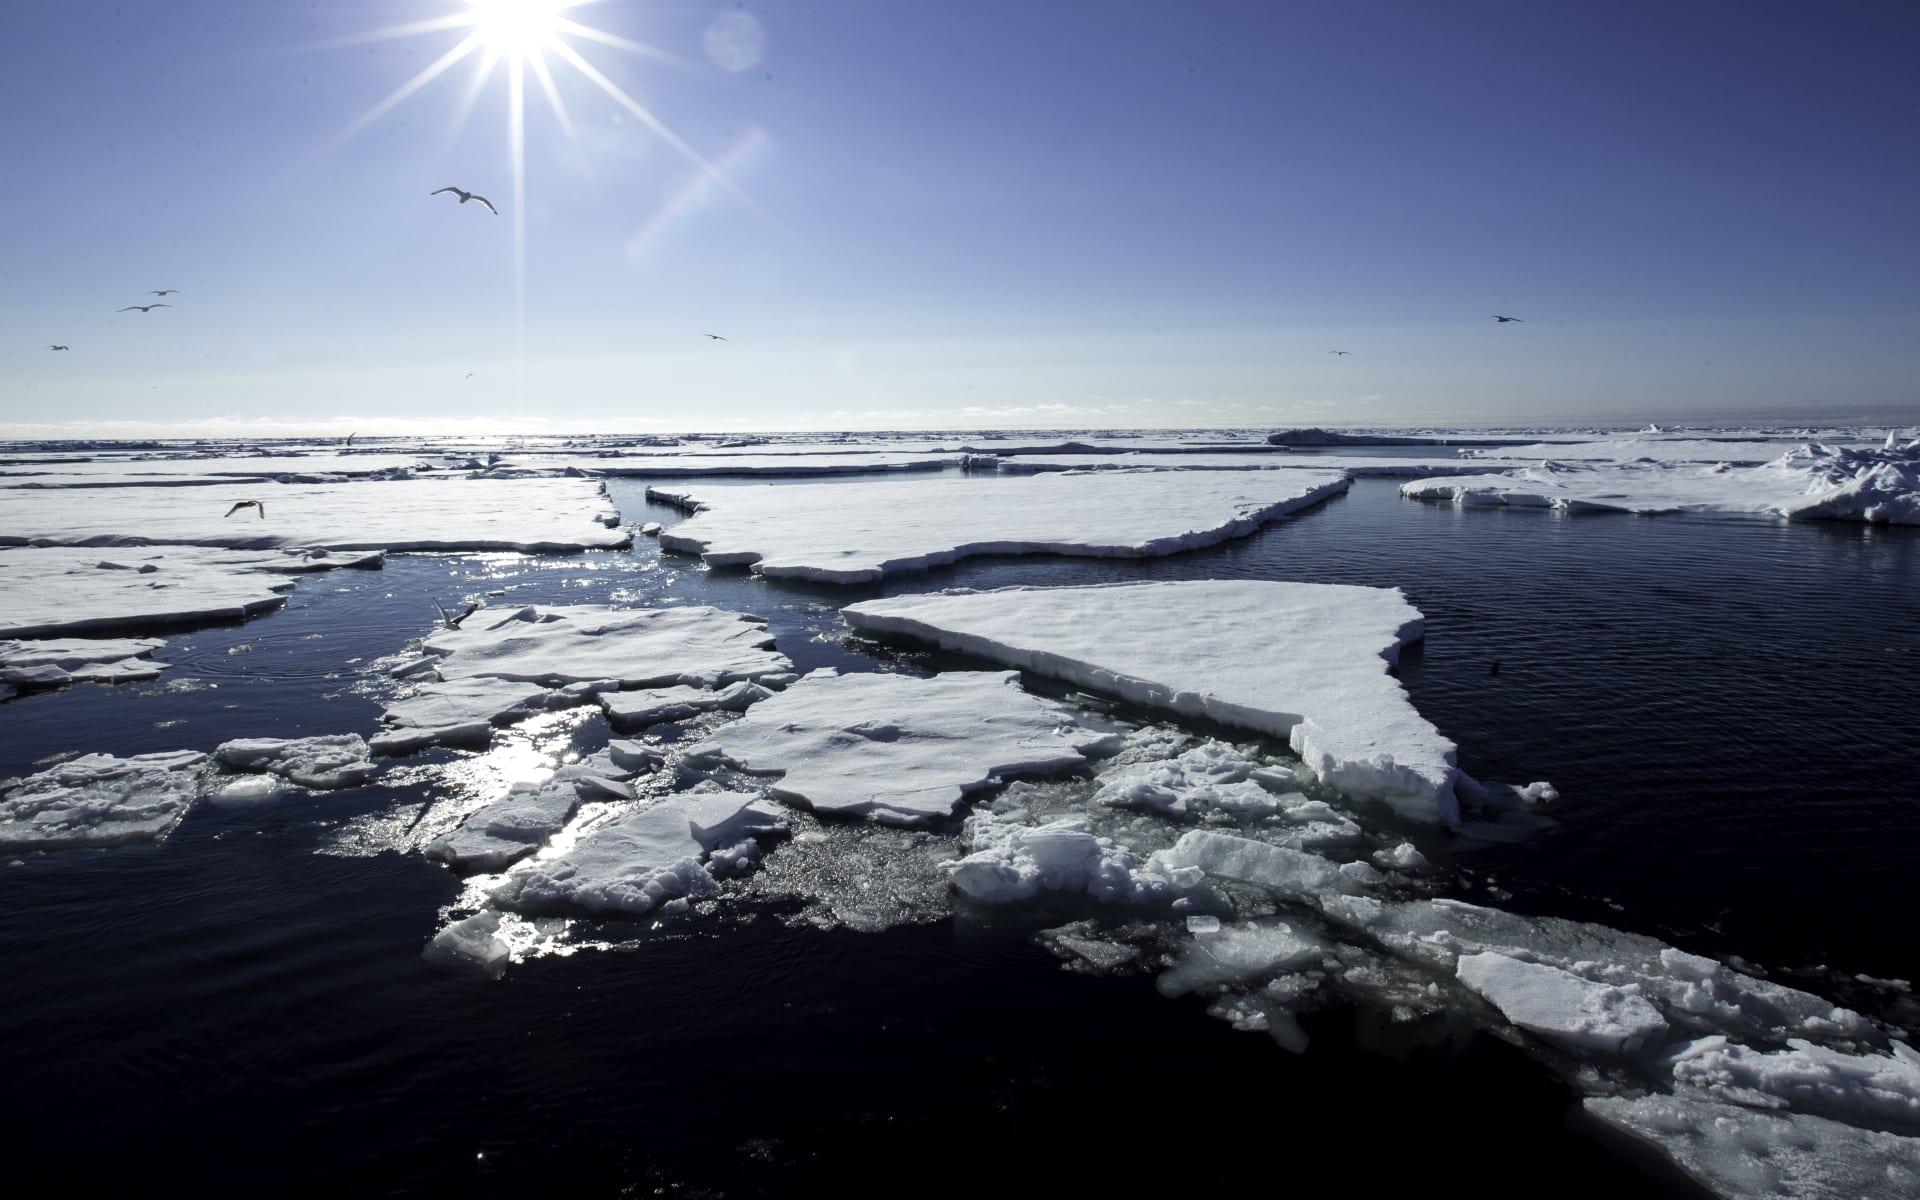 Jungfernreise in die Arktis ab Longyearbyen: Arctic pack ice